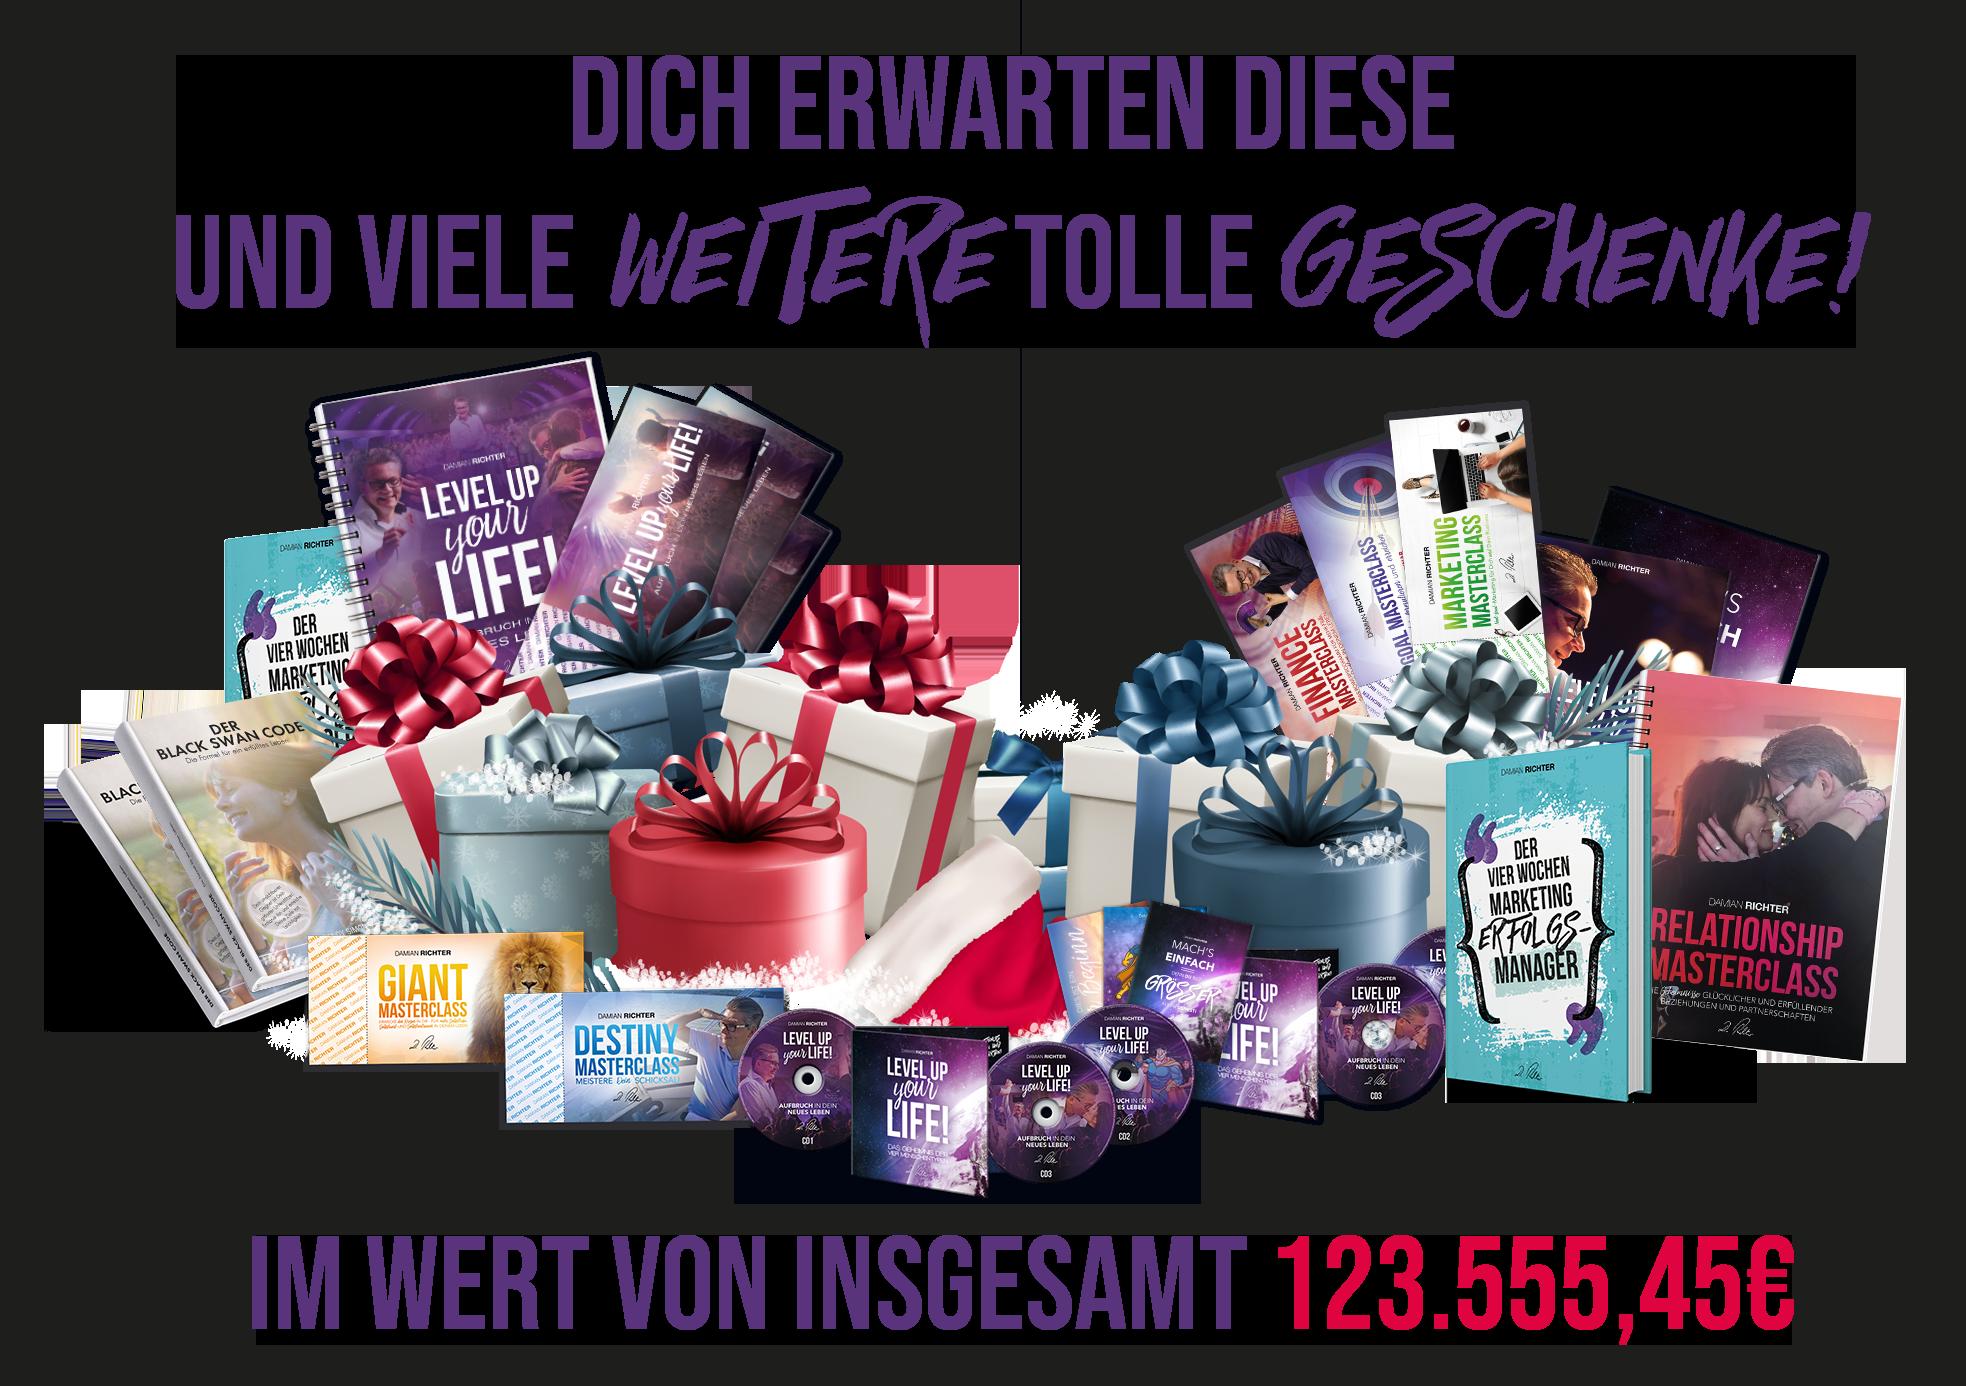 Geschenke_Adventskalender_Deine-Gewinne_Damian-Richter